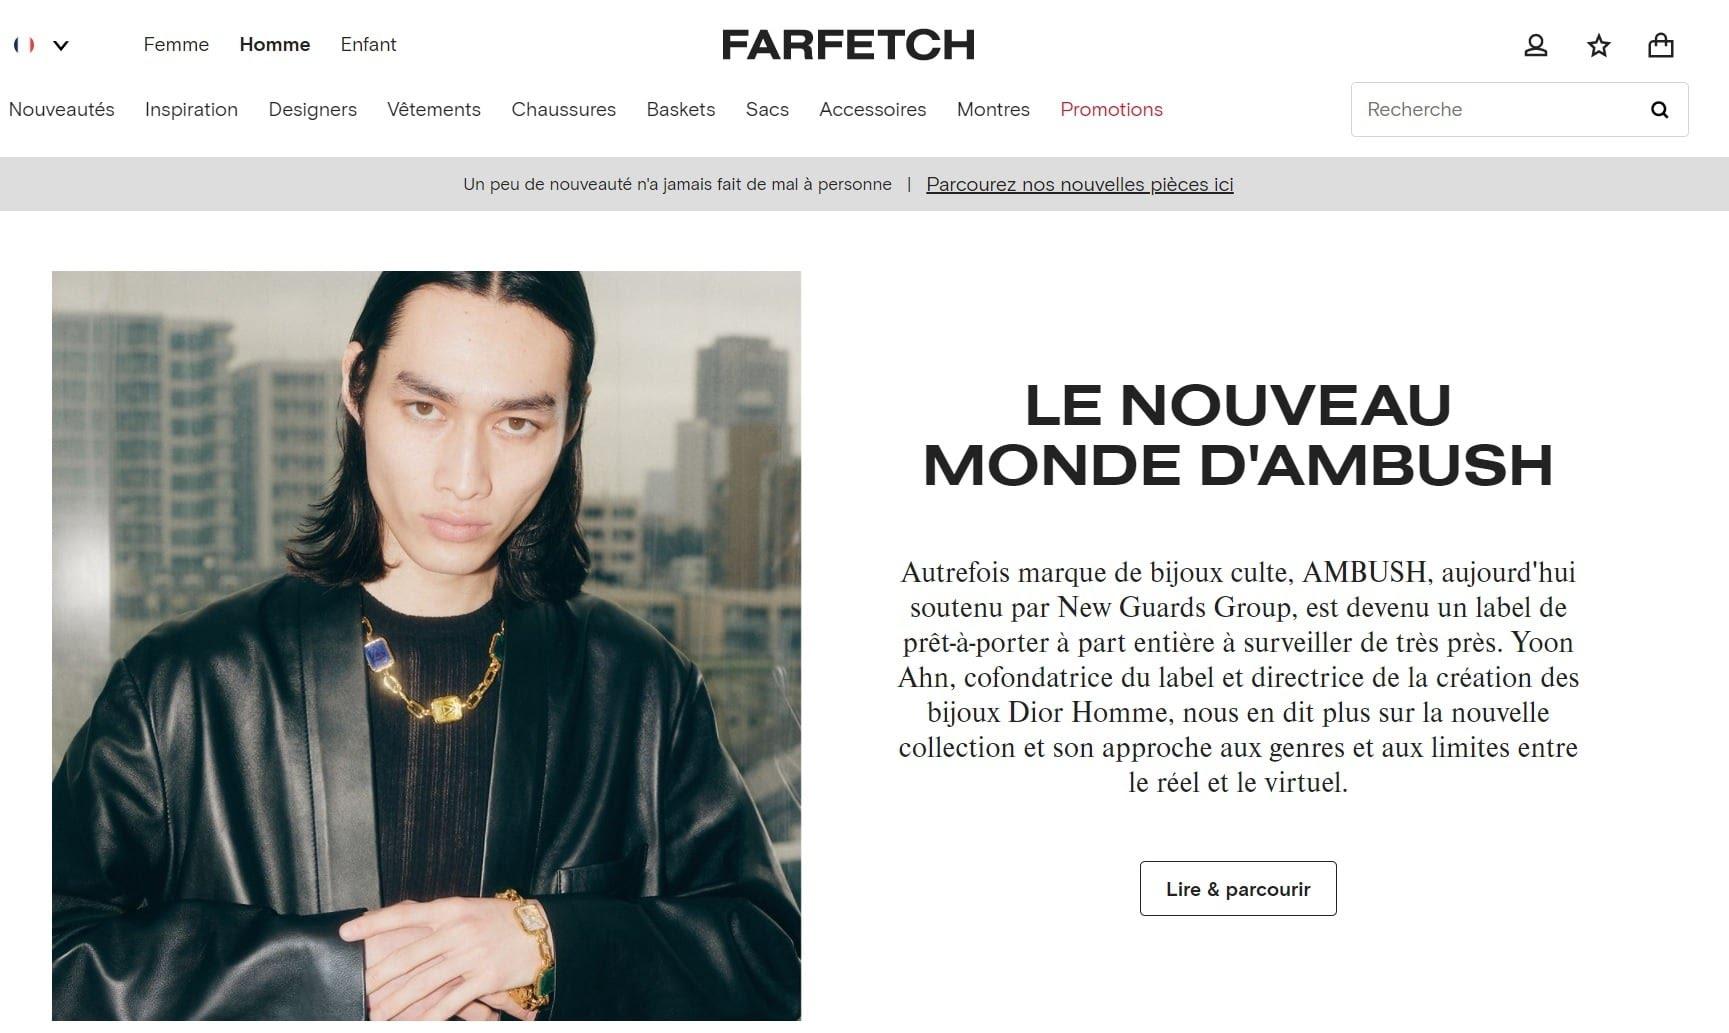 Meilleurs sites de mode homme - Farfetch